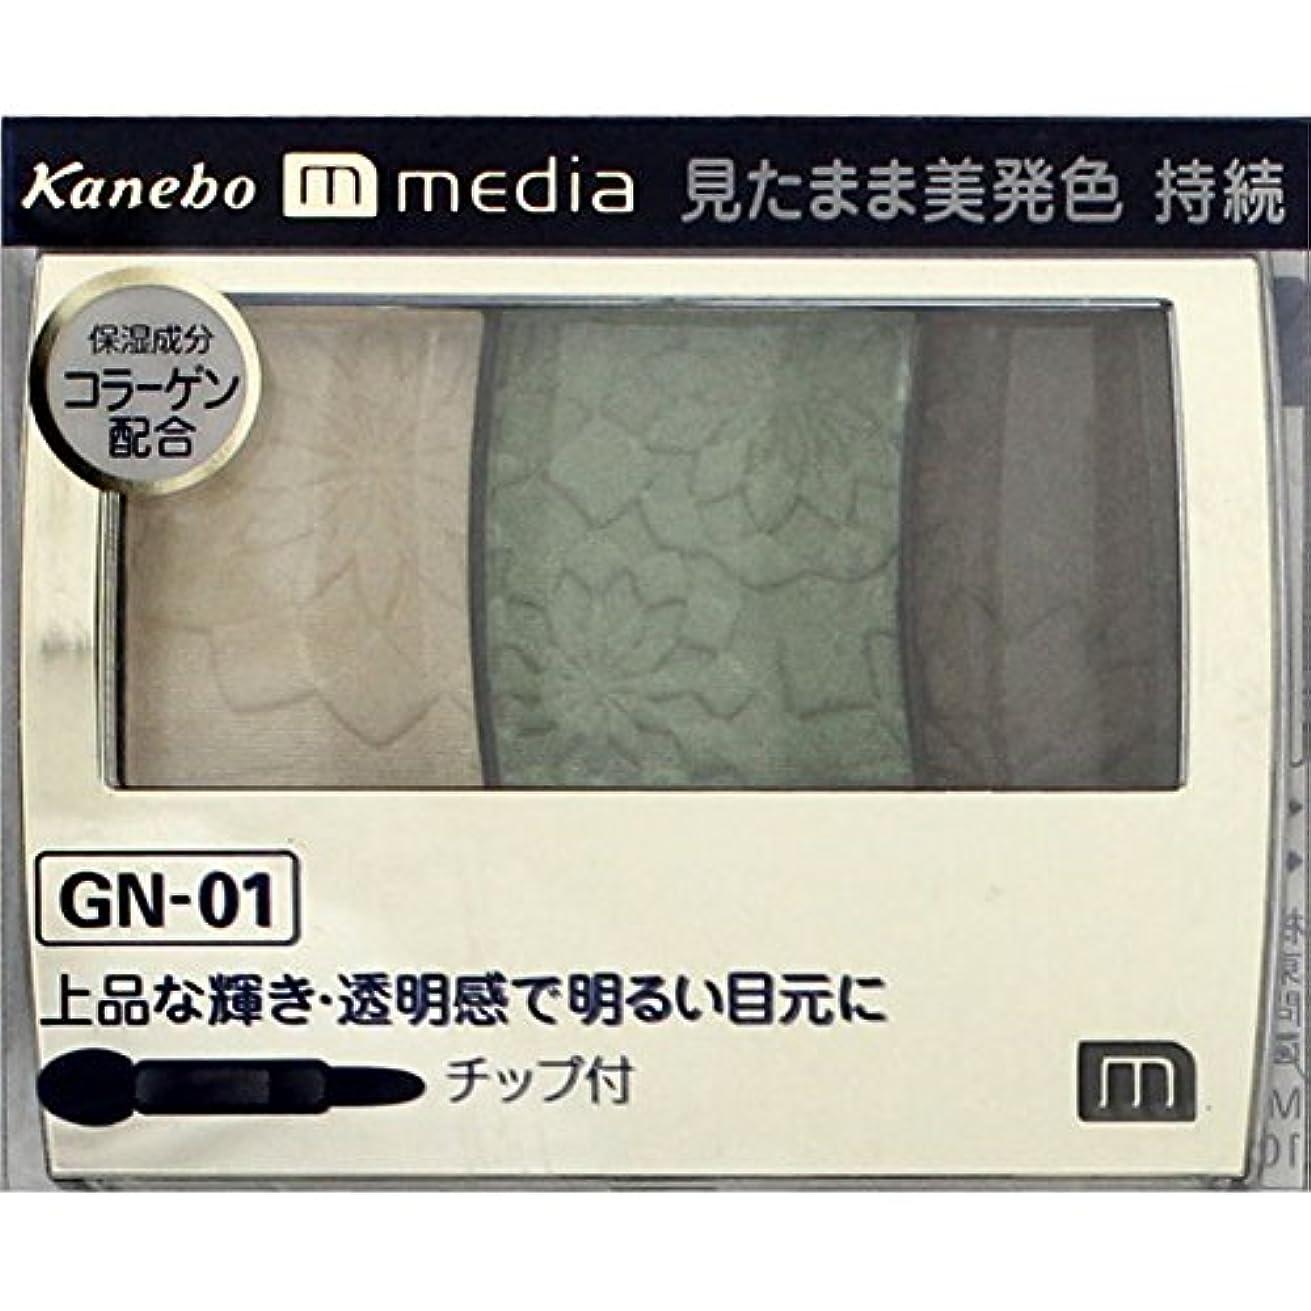 掃除終わったピーブ【カネボウ】 メディア グラデカラーアイシャドウ GN-01